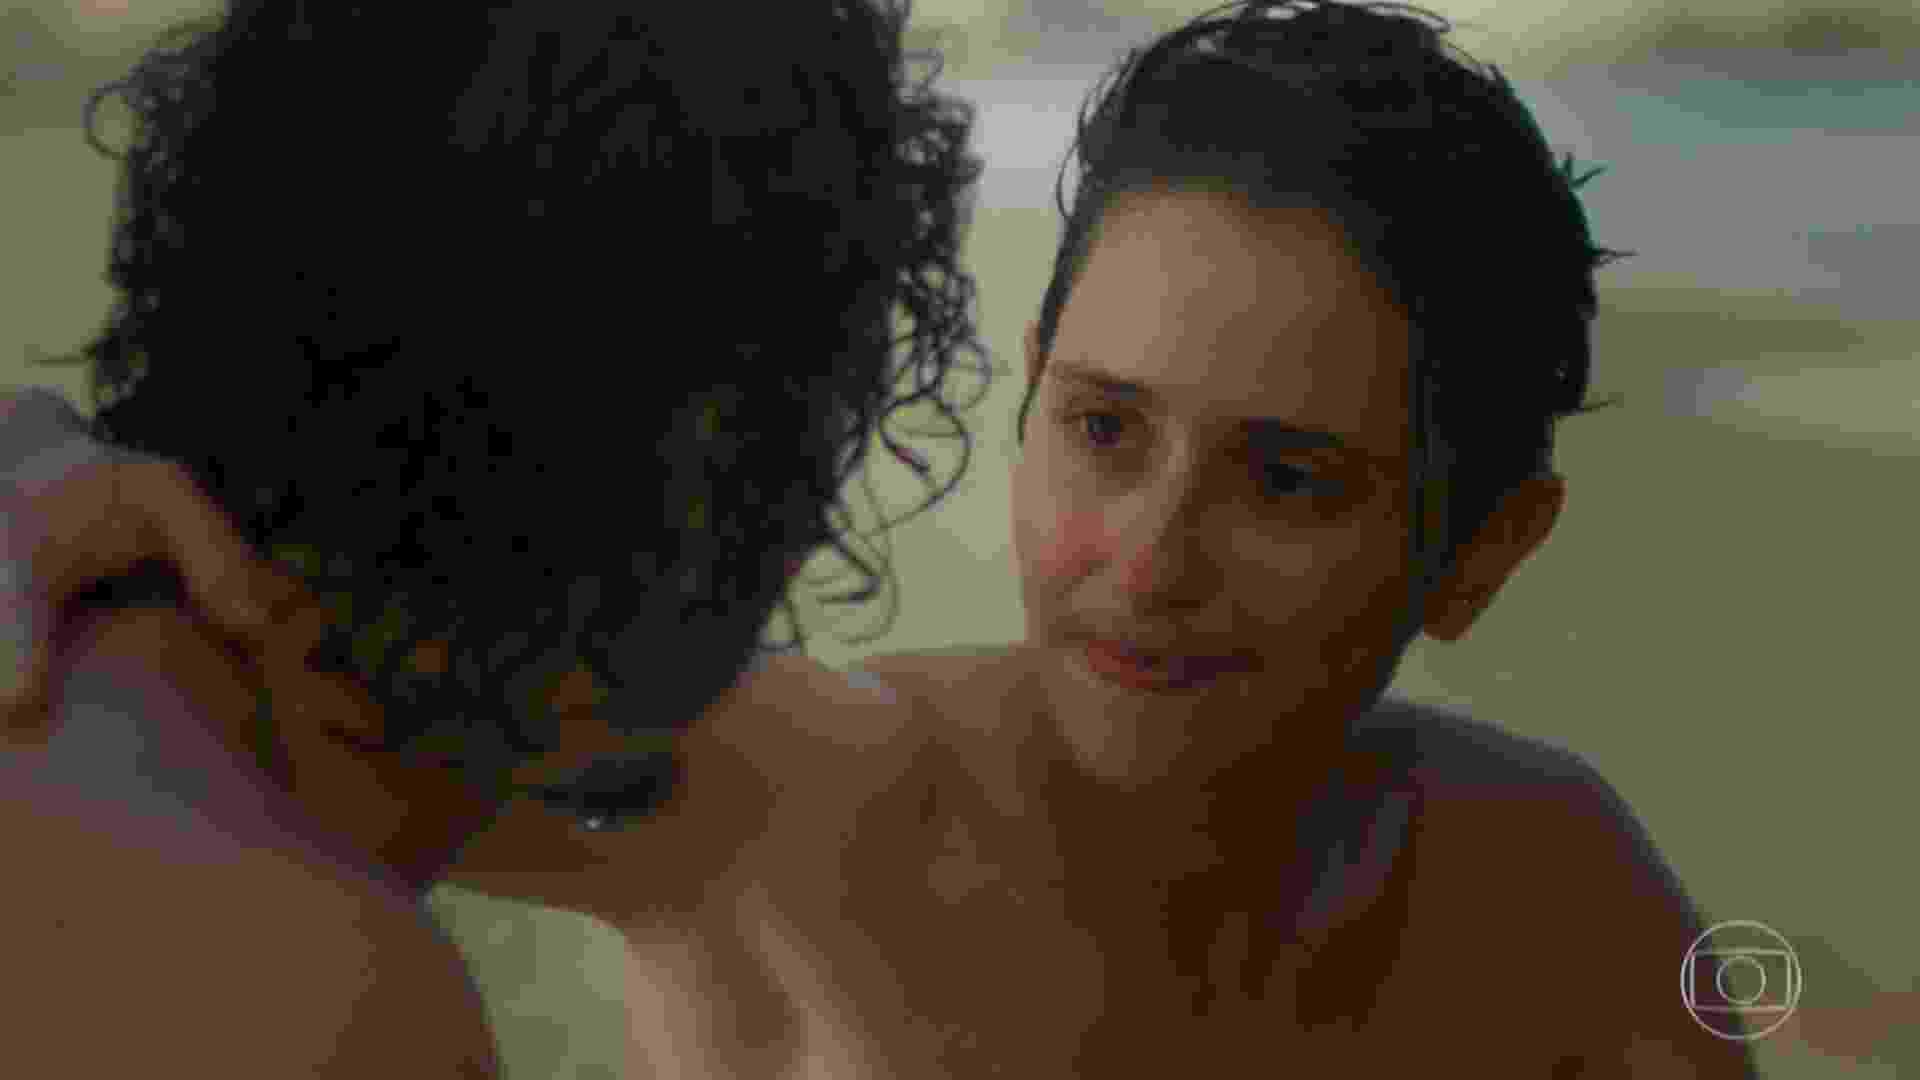 """Cláudio reencontra Ivan na praia, em """"A Força do Querer"""". Os dois conversam e dão um selinho. A novela não deixa claro, porém, se os dois ficariam juntos - Reprodução/TV Globo"""